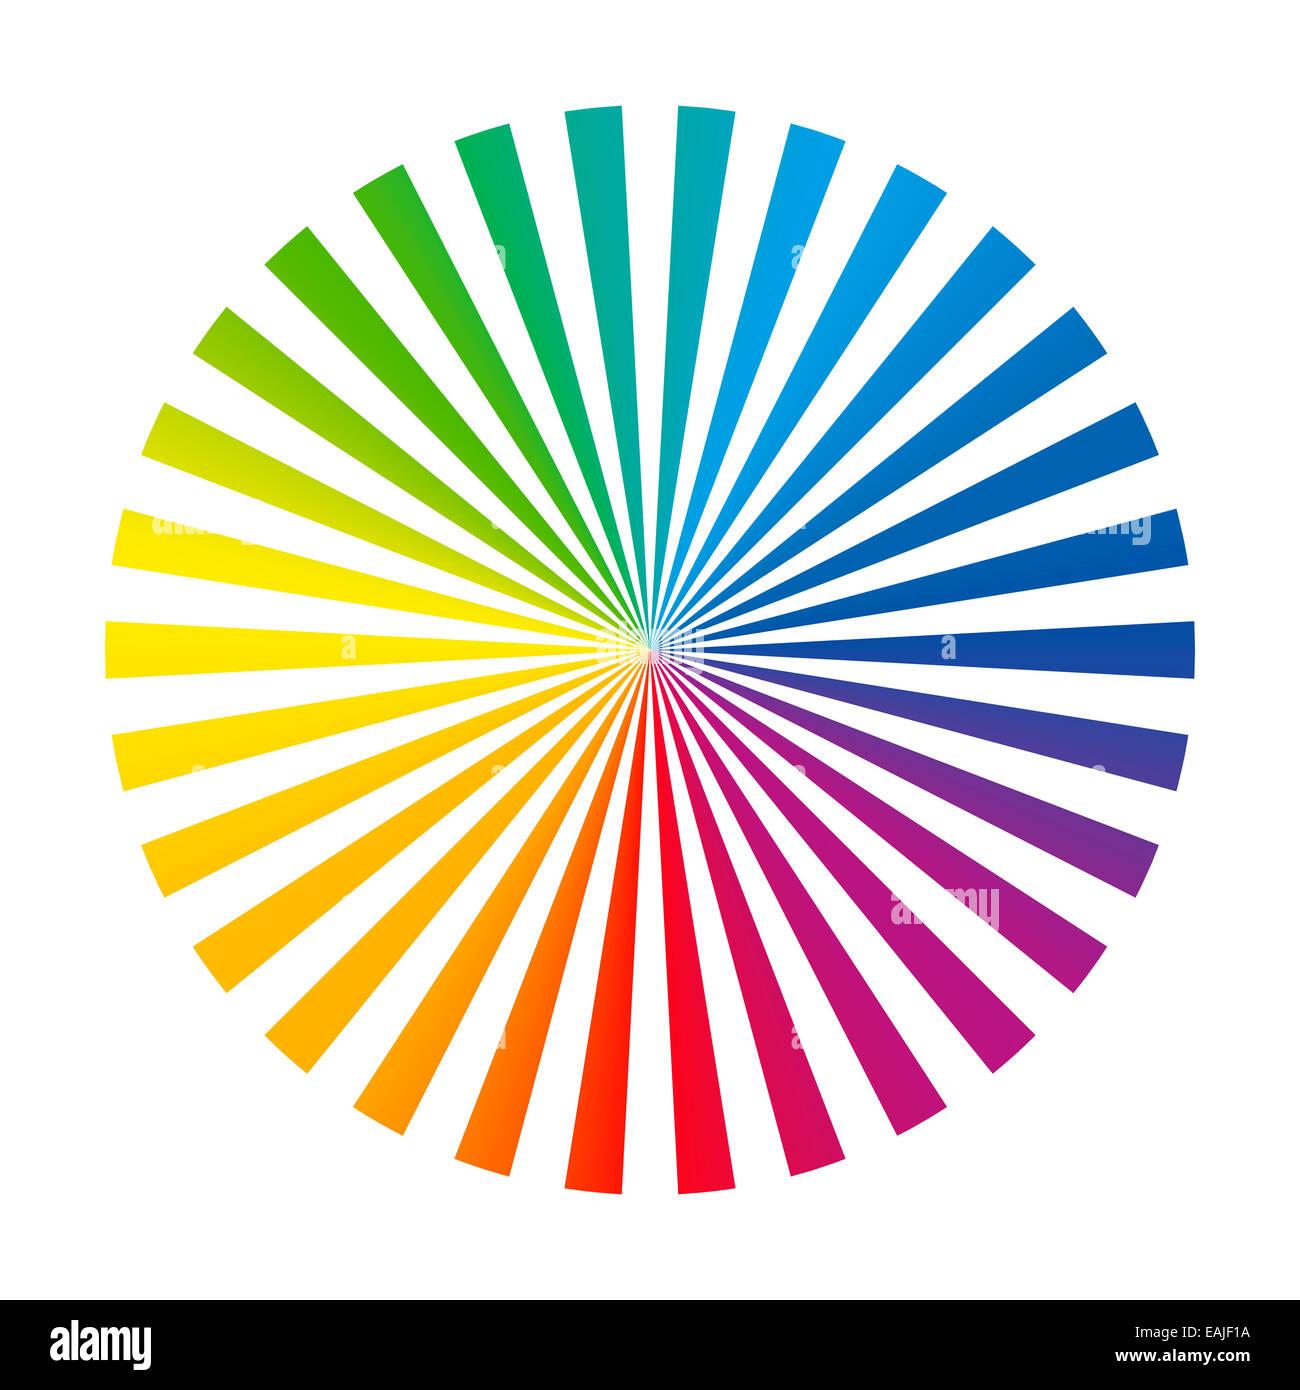 Cubierta del ventilador de color circular compuesto de treinta diferentes vibrante rayas de tinta. Imagen De Stock